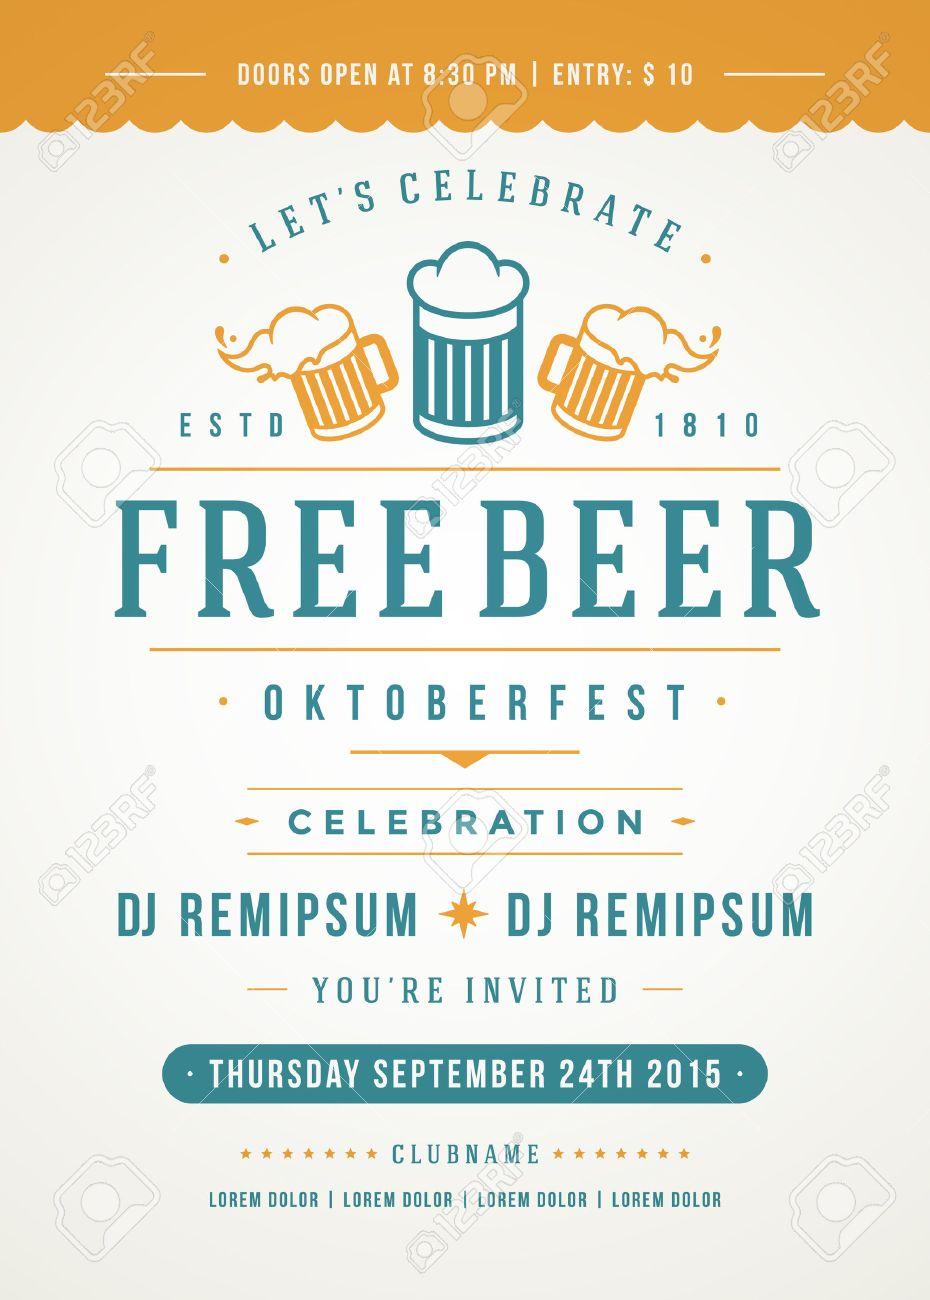 オクトーバーフェスト ビール祭り祭典レトロなタイポグラフィ ポスター